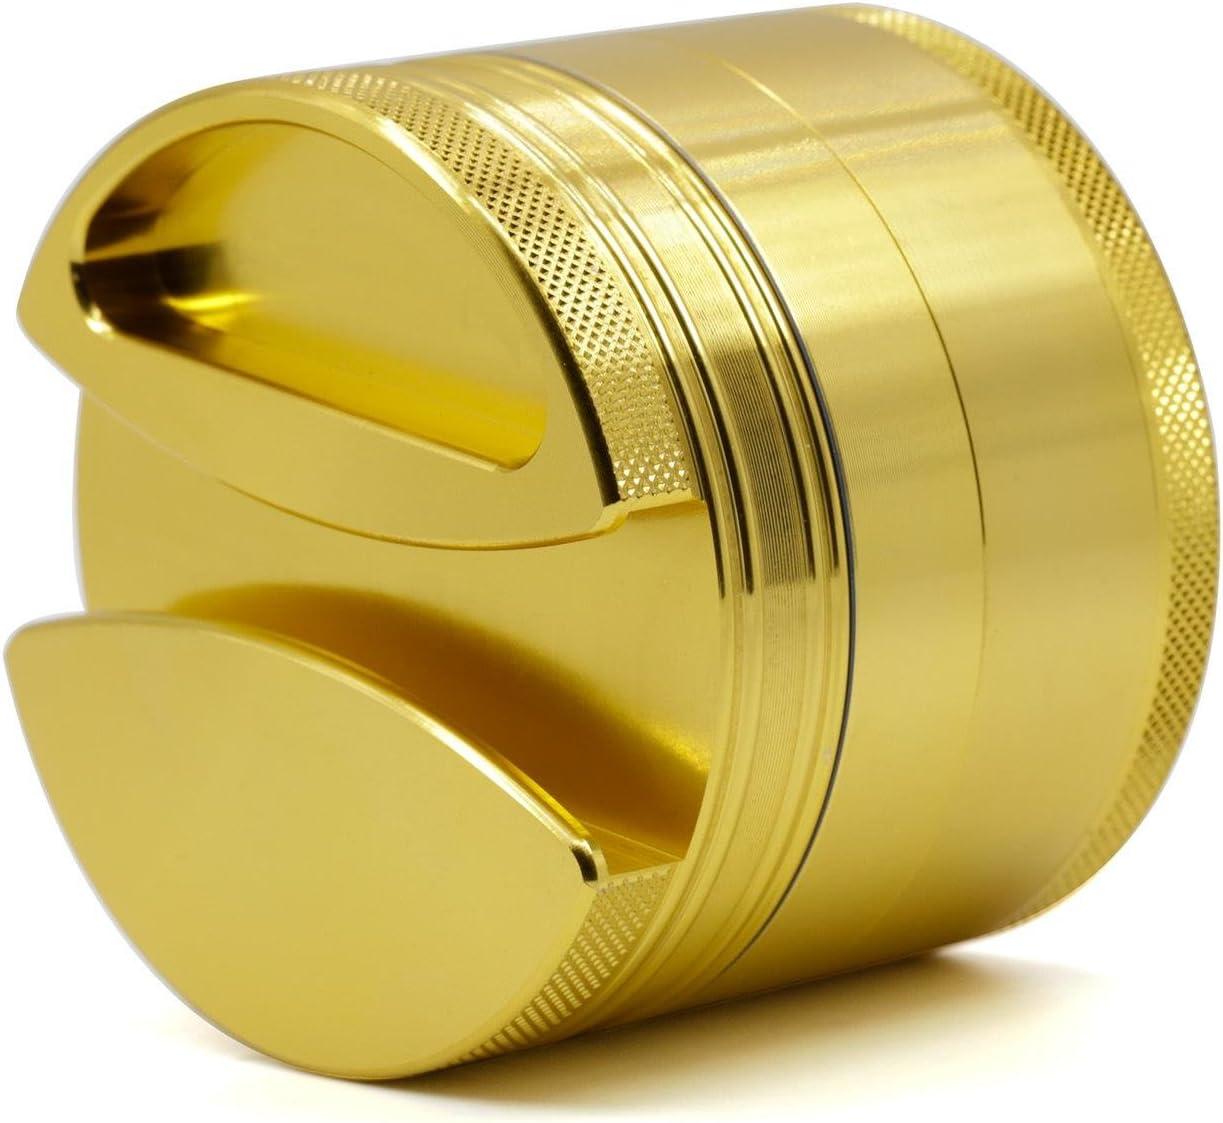 BBYaki Advanced Tobacco / Perfumer Grinder-75 * 60Mm, Molinillo De Aleación De Aluminio De 4 Partes, 6 Colores, Fácil De Transportar , Gold